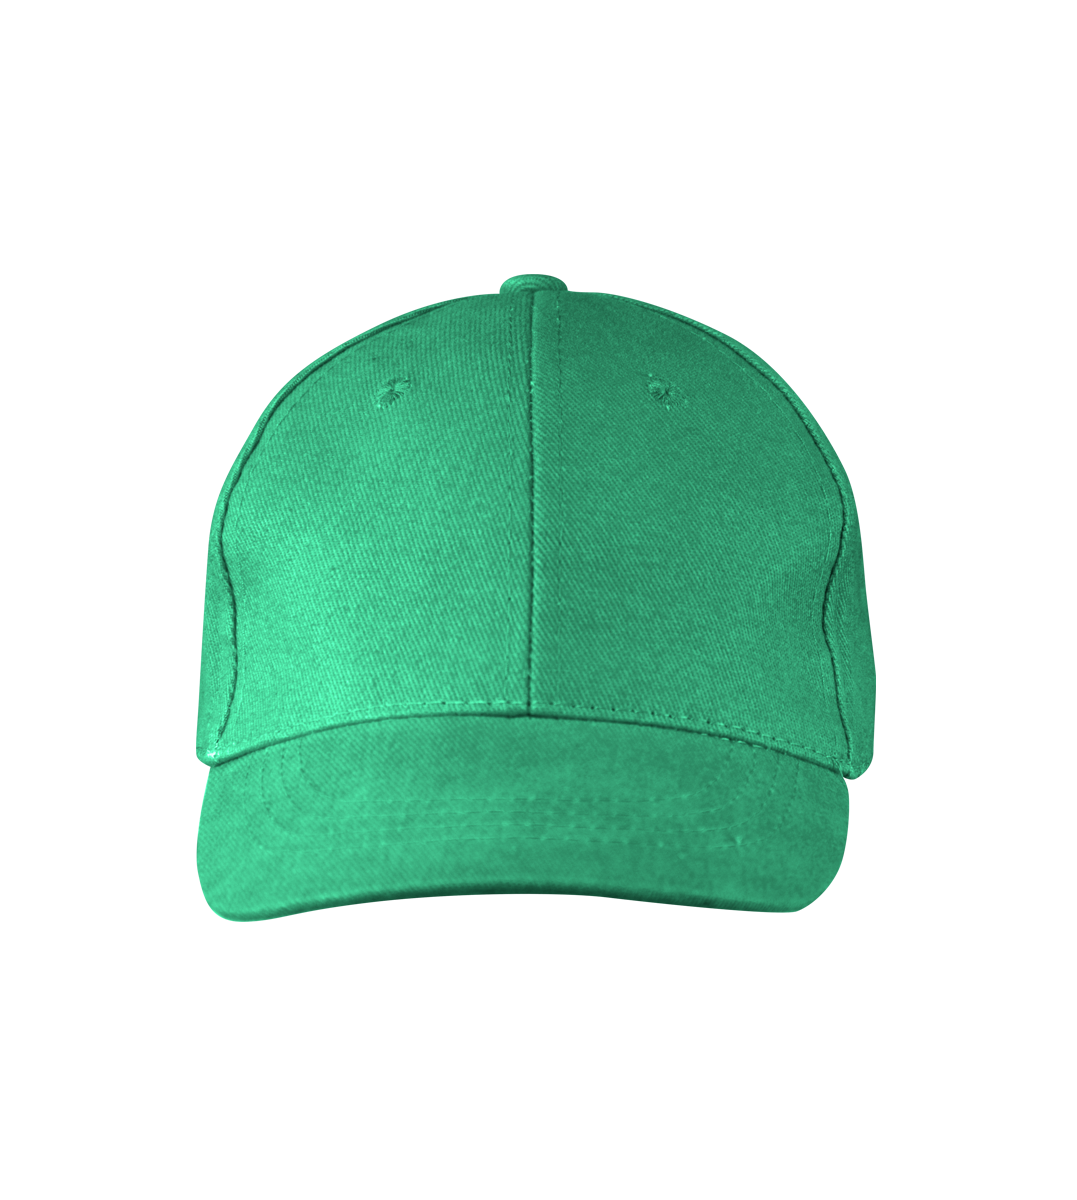 b90827c17 303 Šiltovka detská 6P Golf Green Alexfox